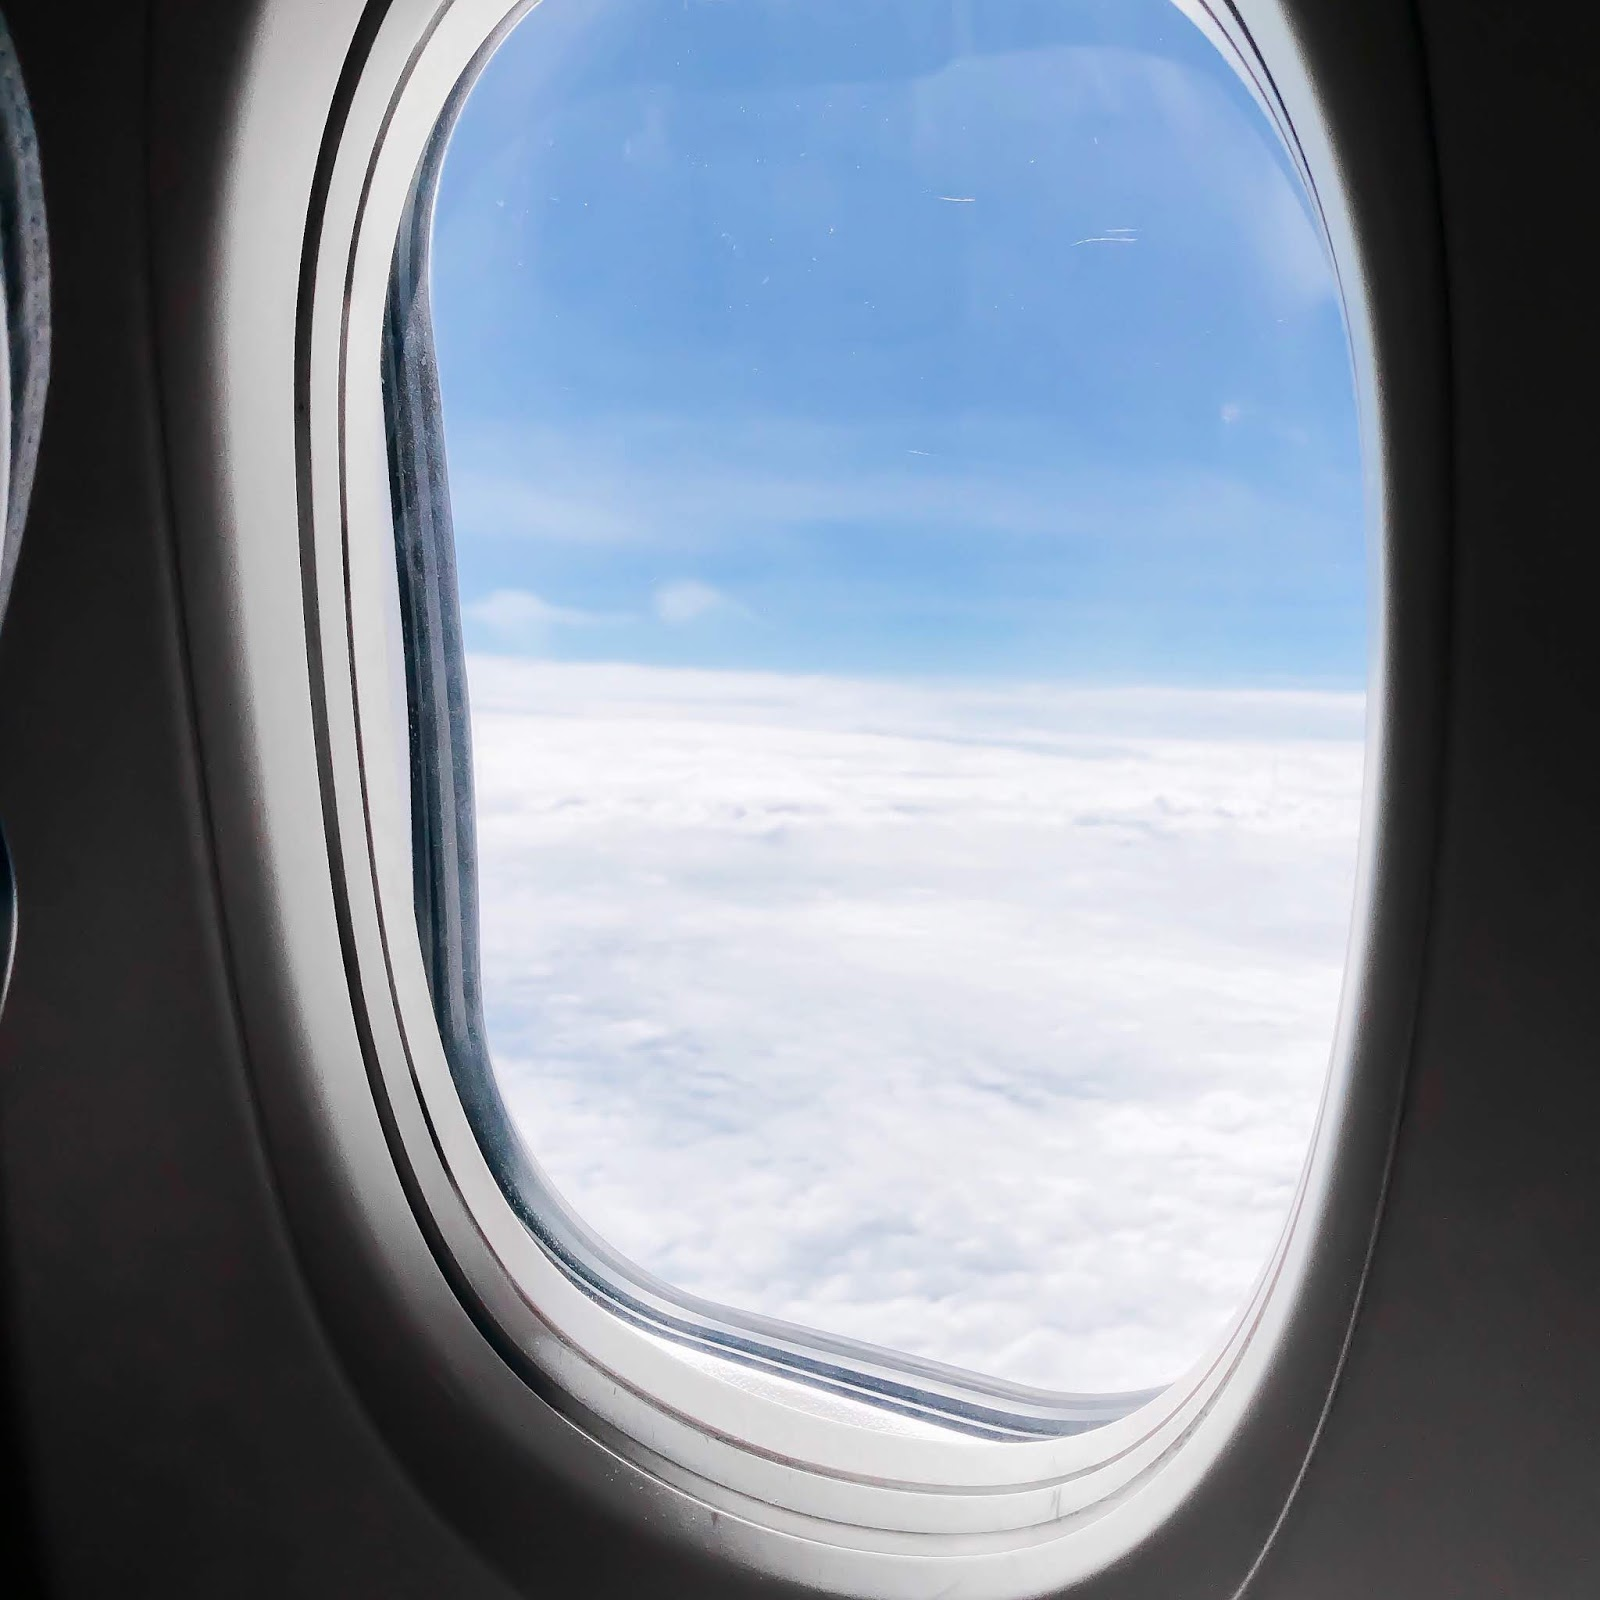 Janela do Avião